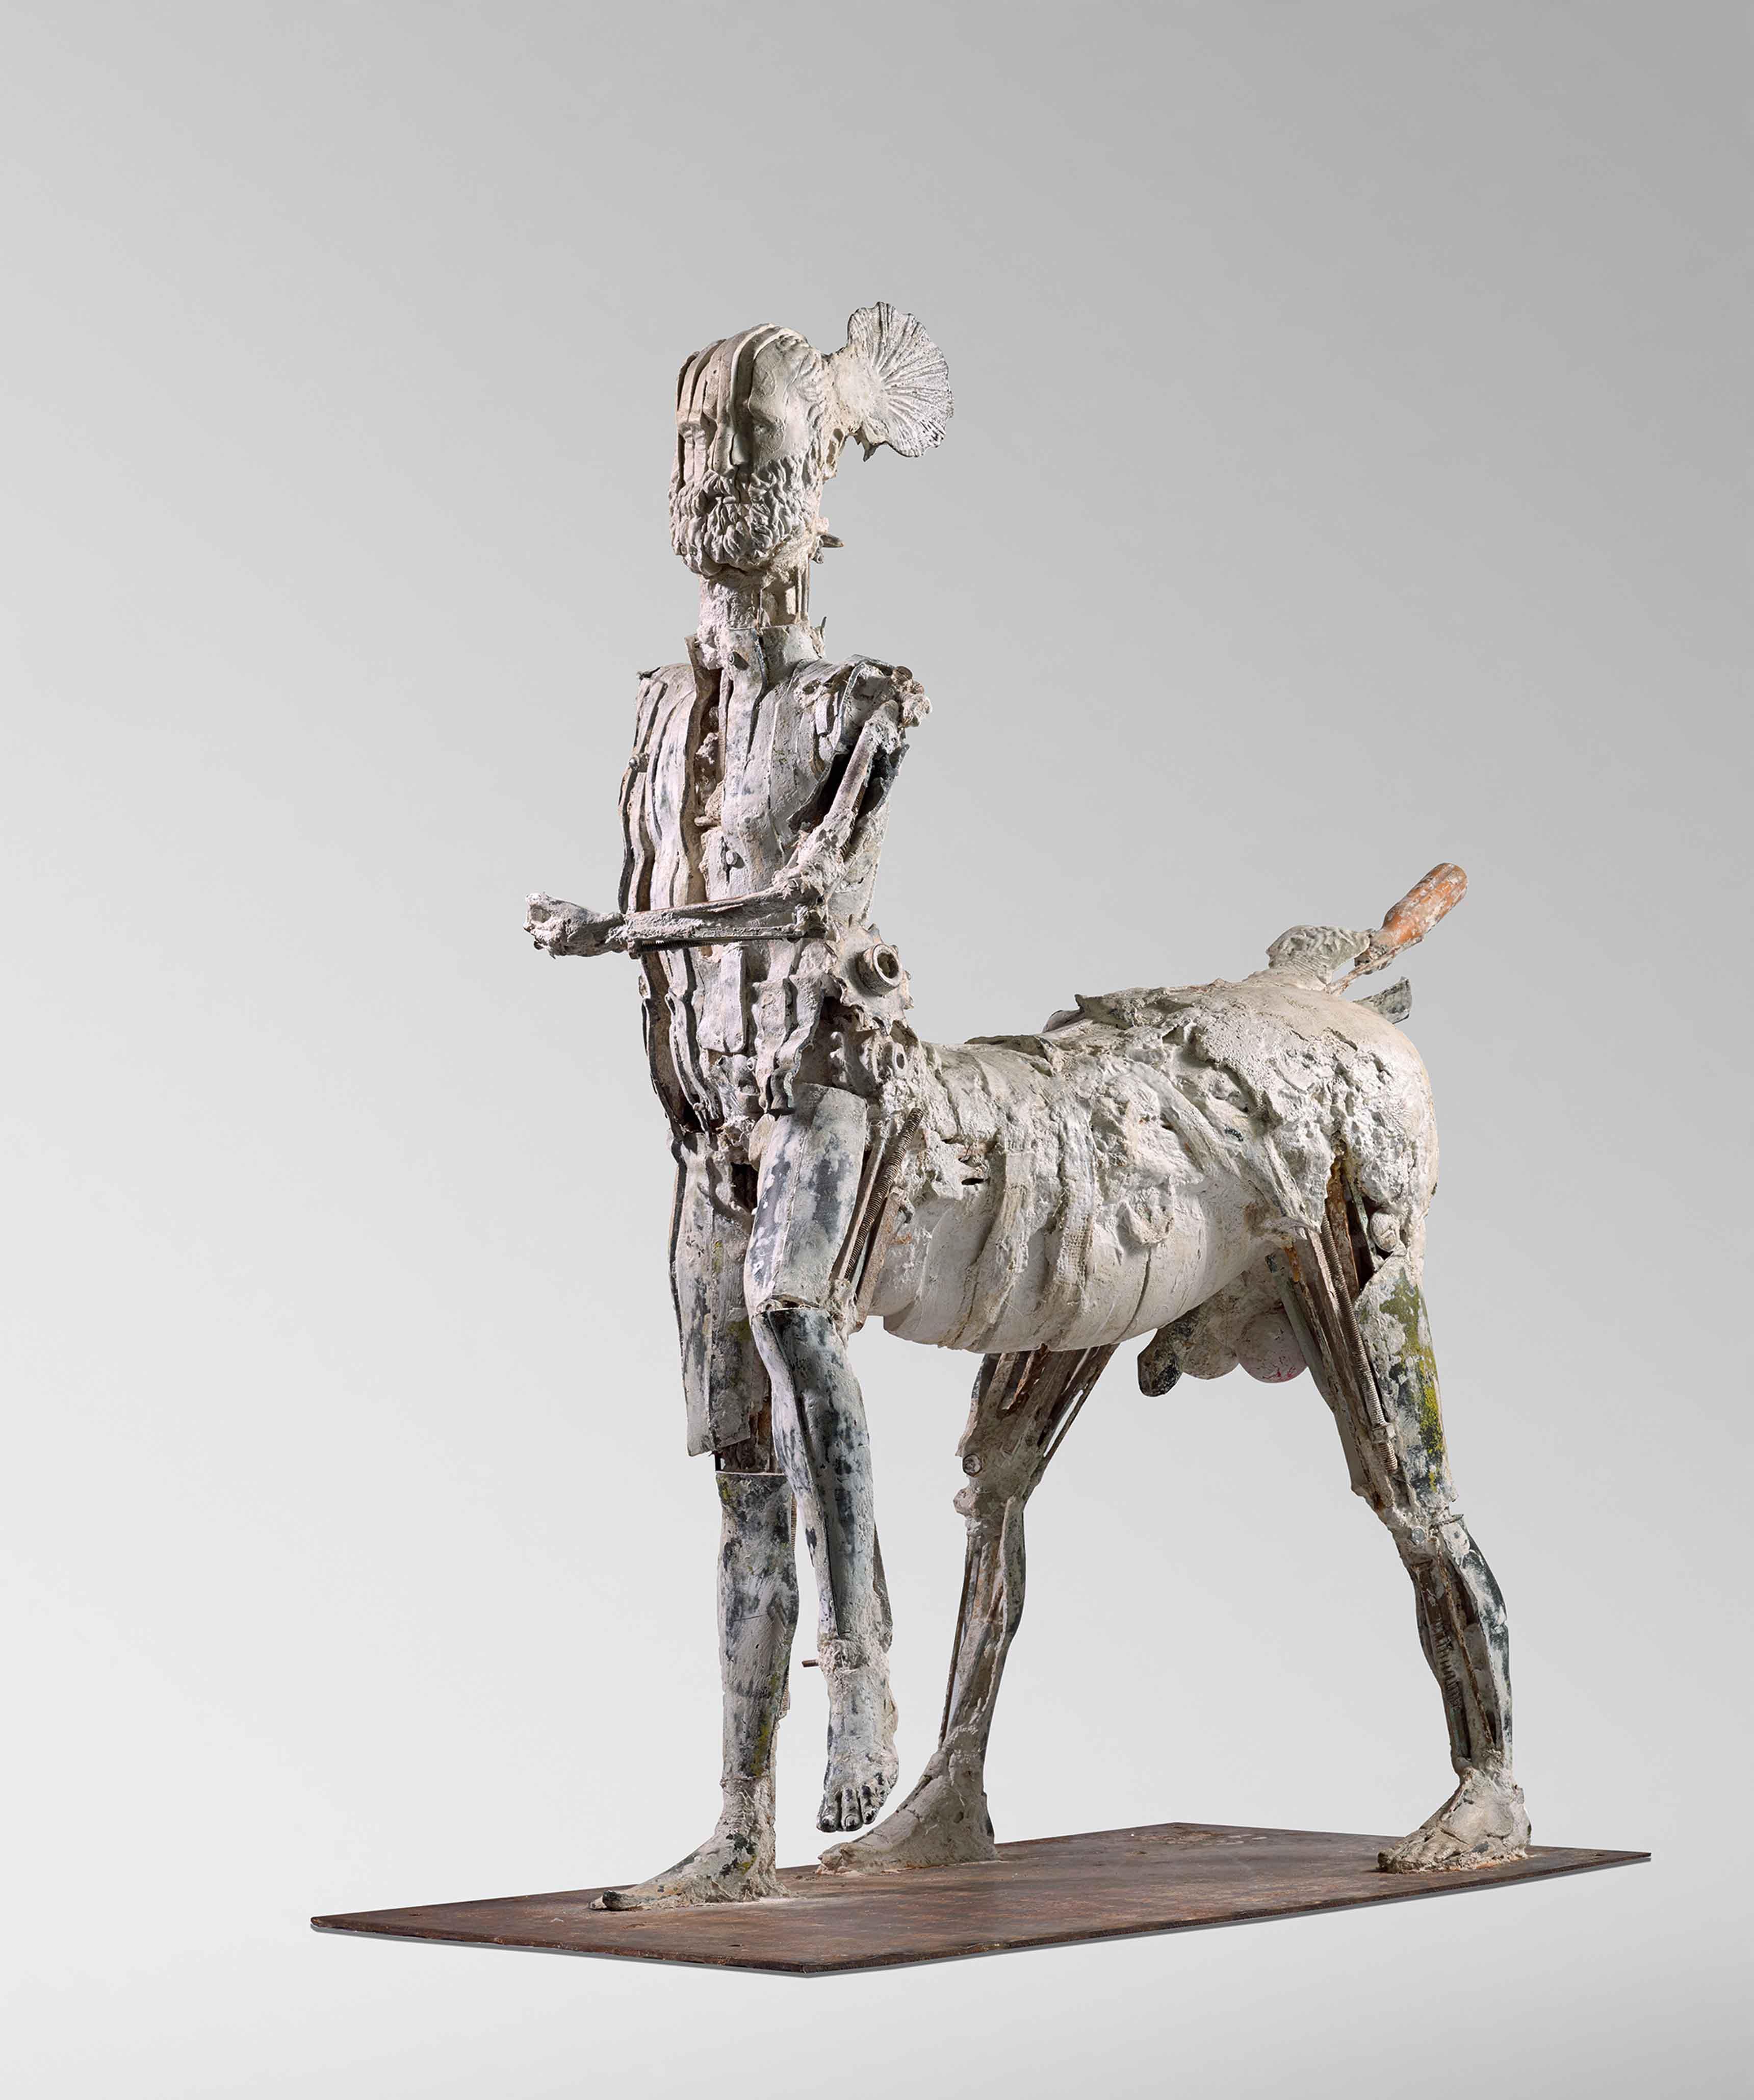 CÉSAR - Le Centaure, 1983